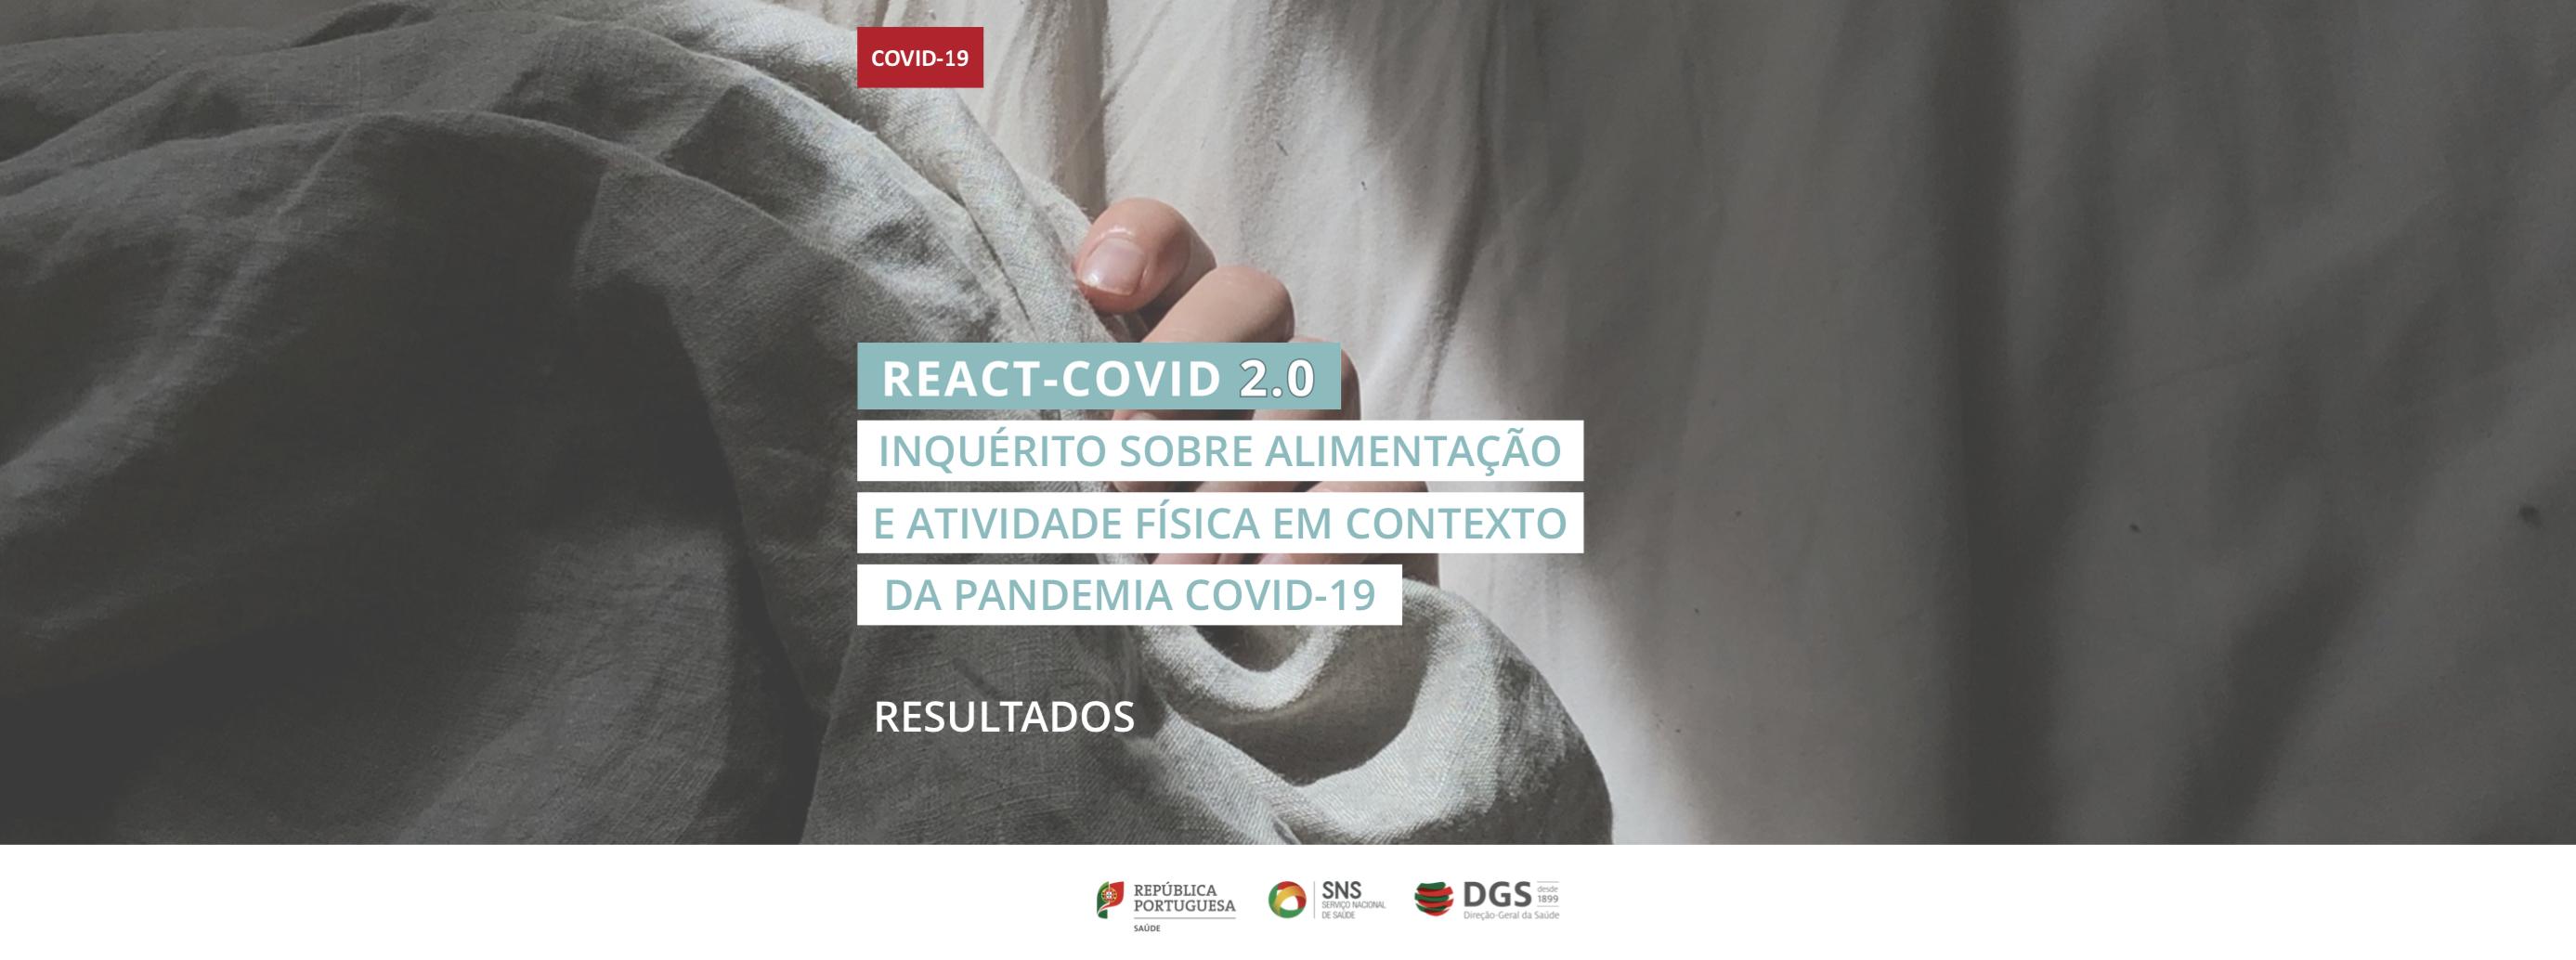 Resultados REACT-COVD 2.0